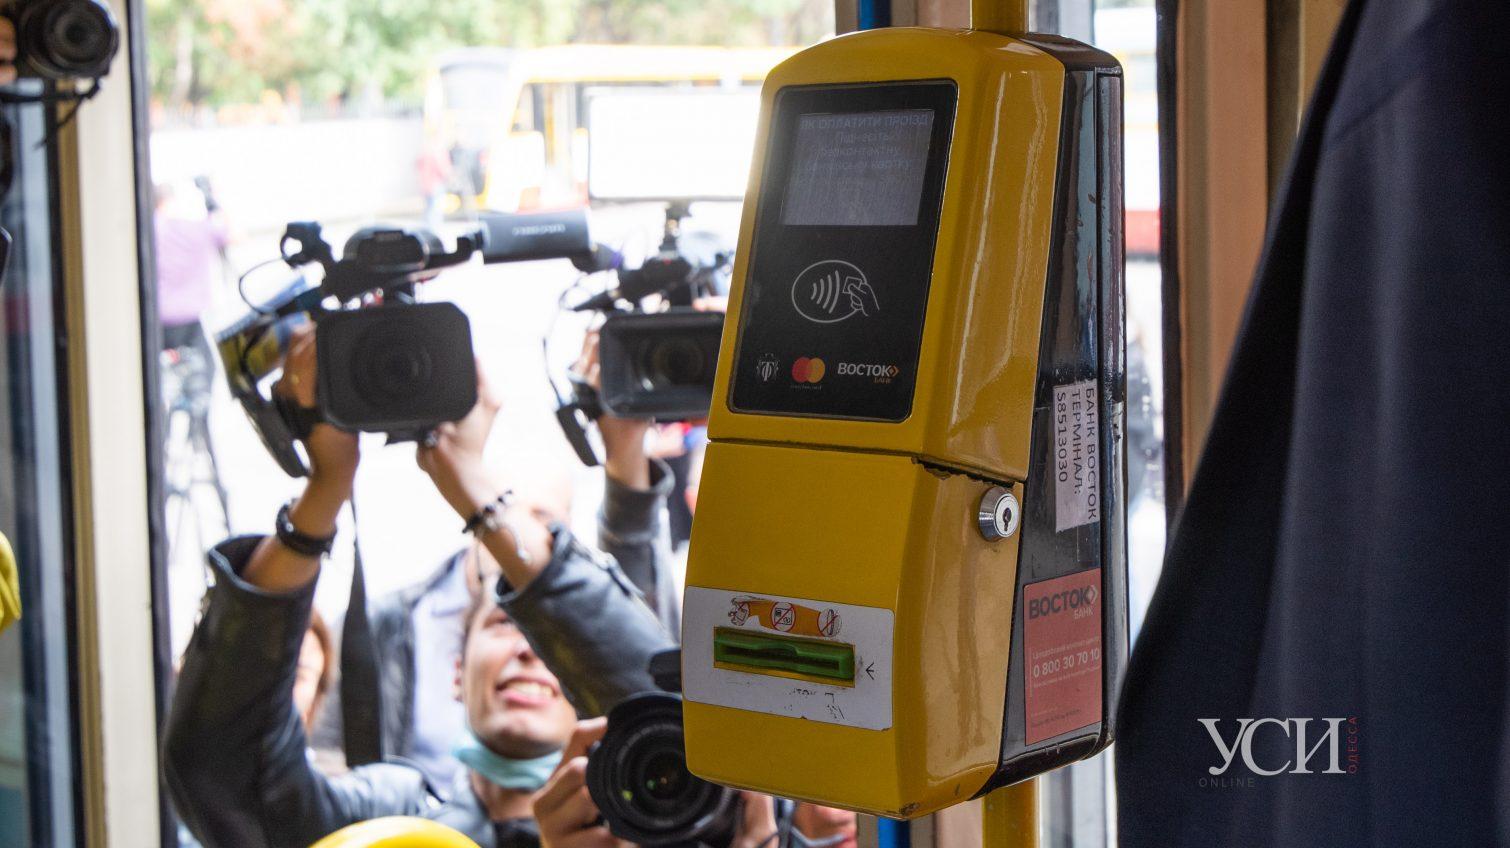 Без талонов и очередей: в Одессе презентовали бесконтактную оплату за проезд через смартфон «фото»